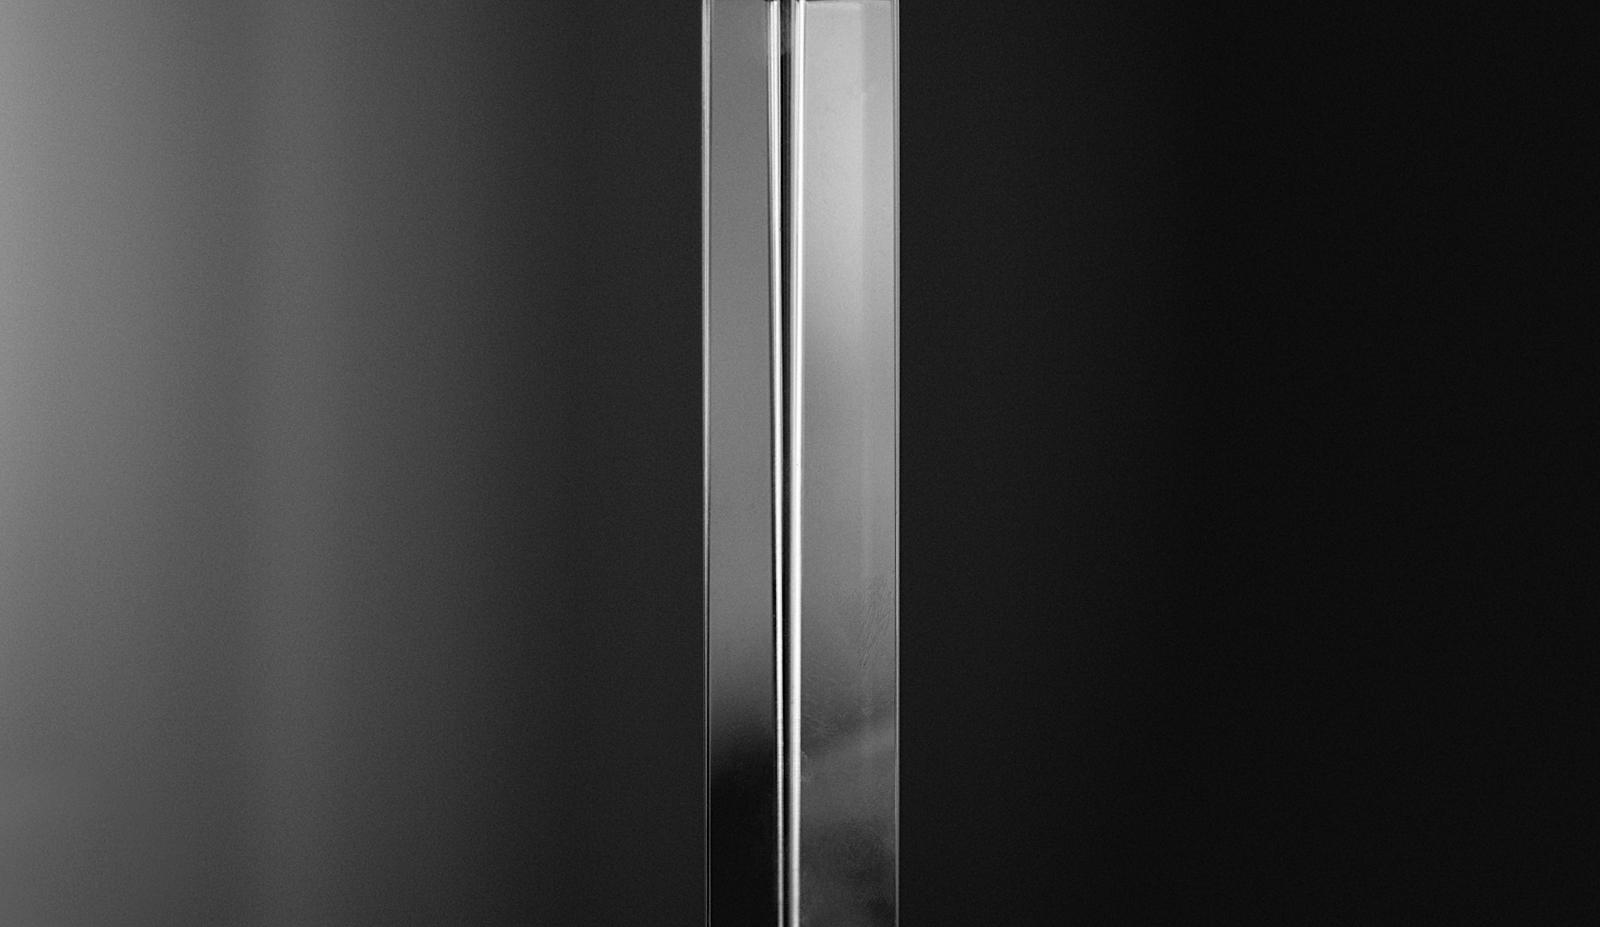 365 – 191 – Black Prism